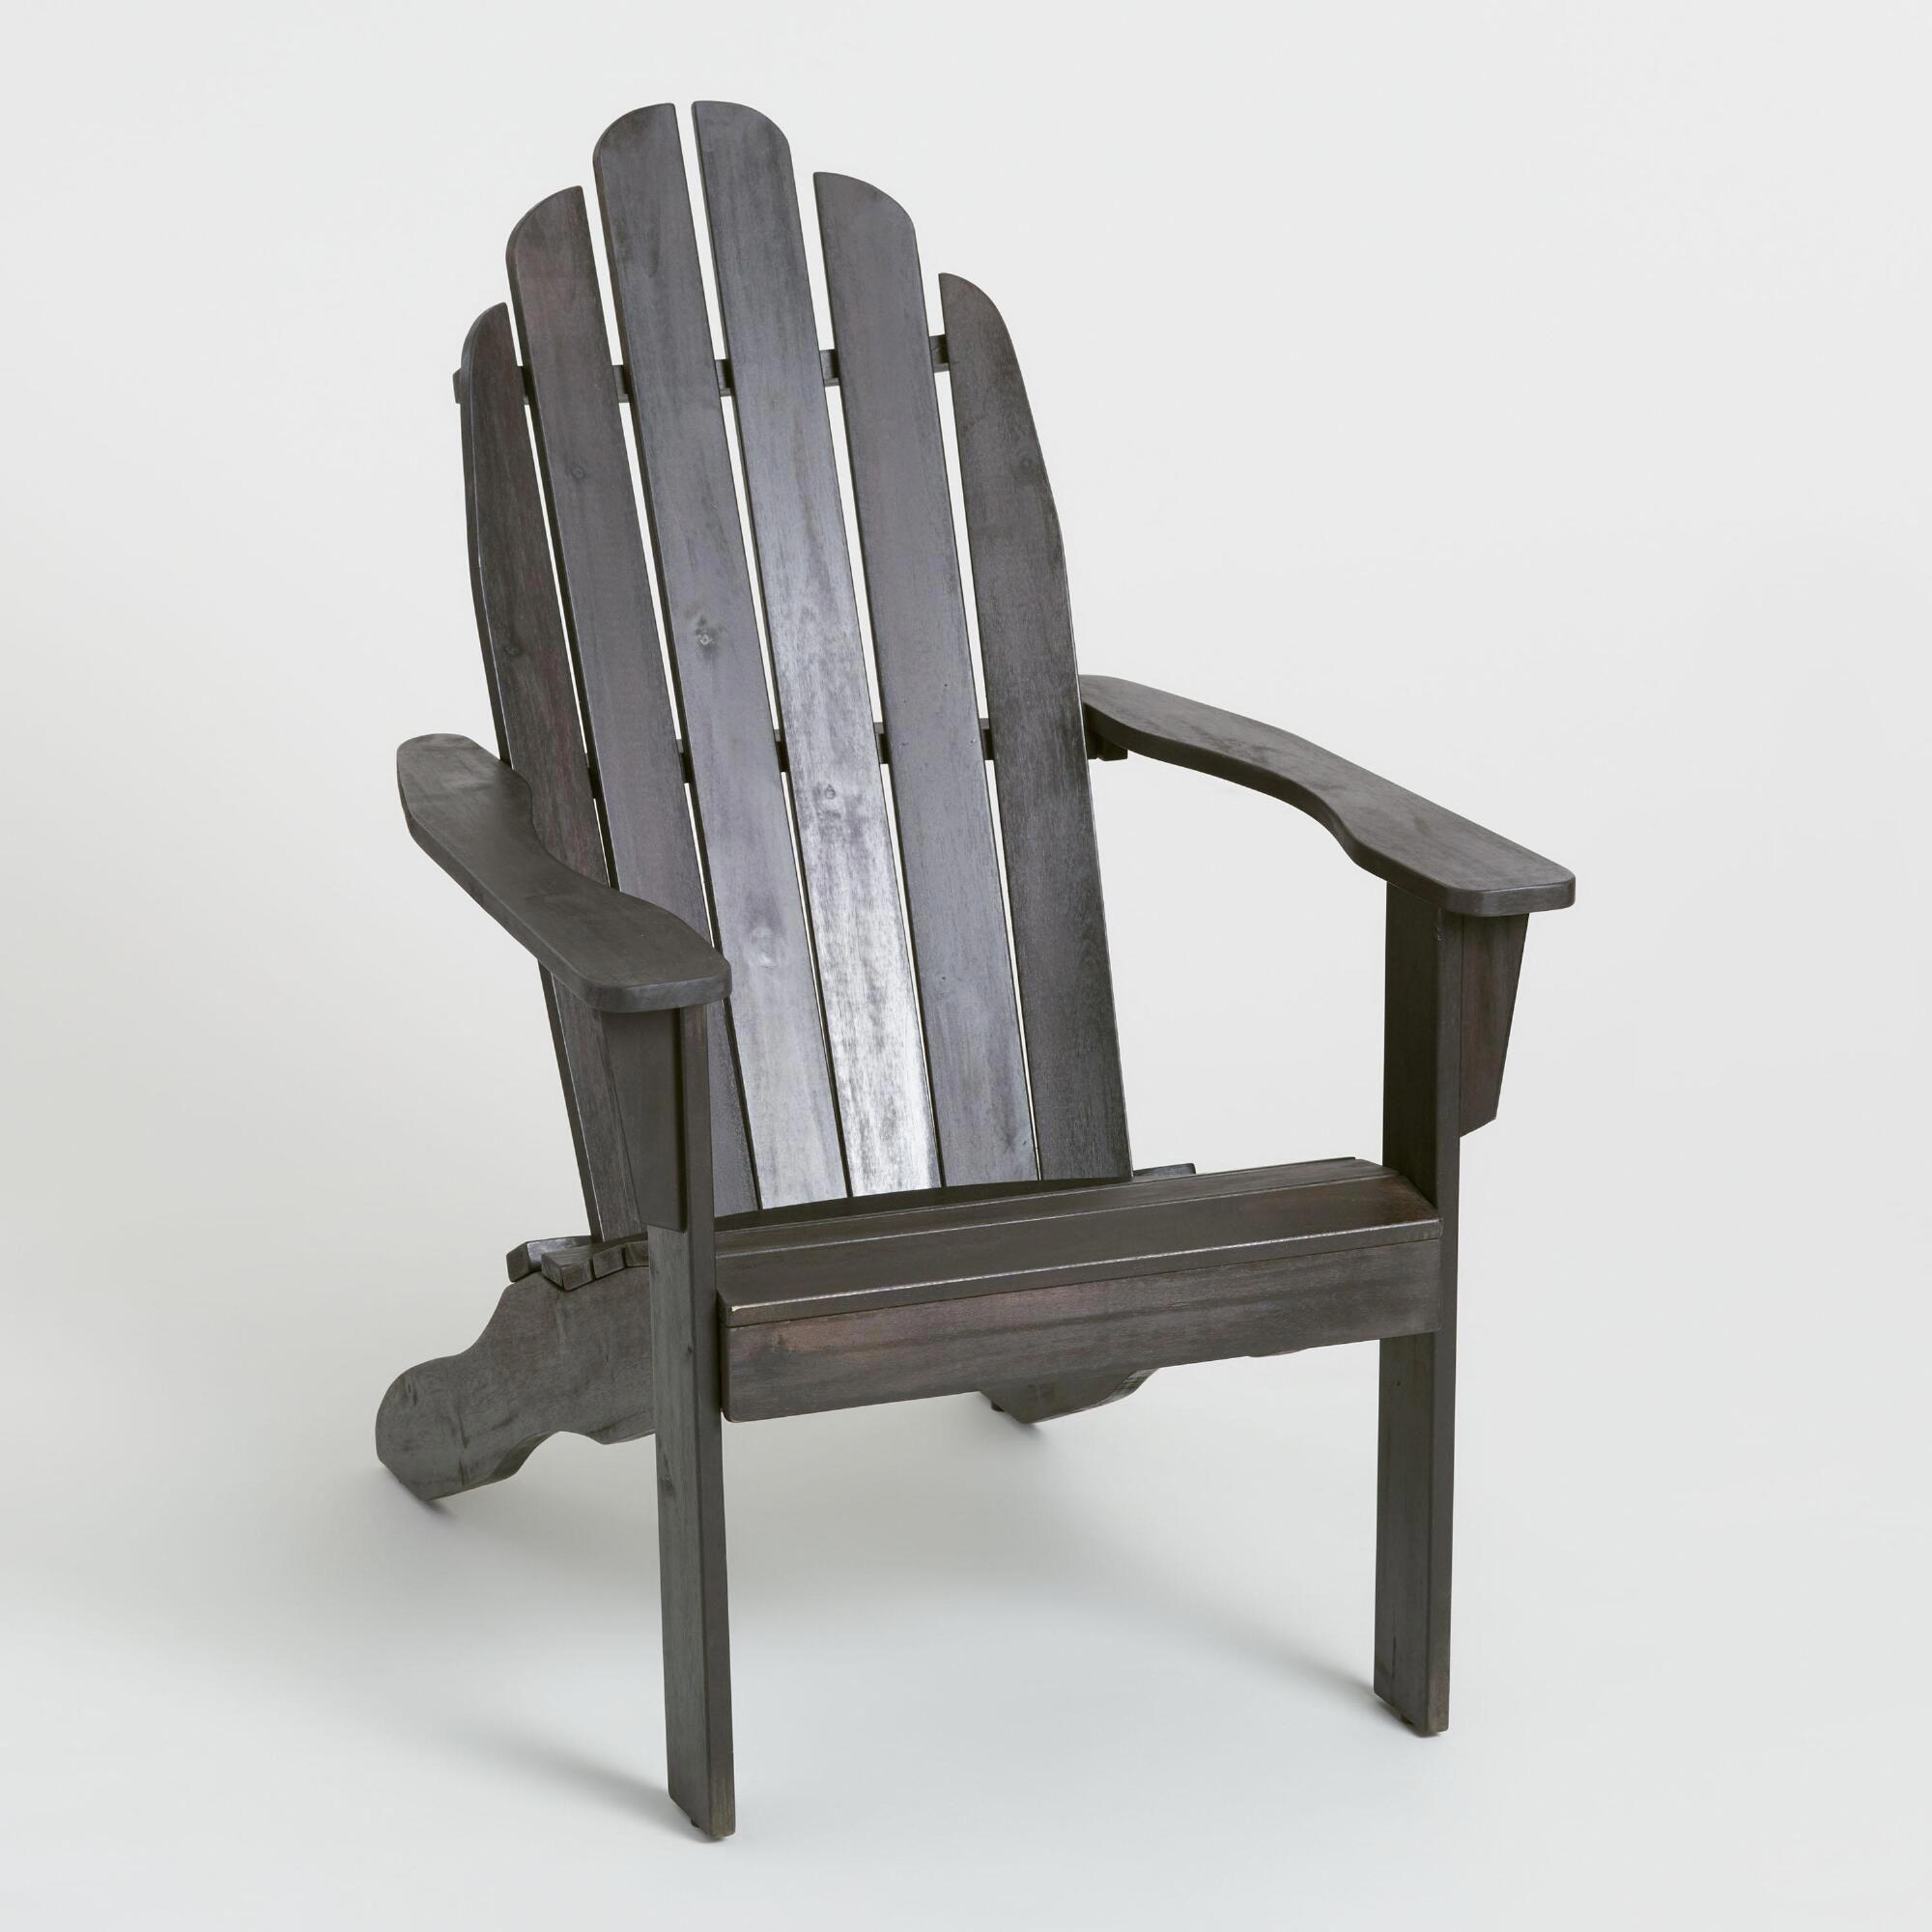 Espresso Brown Adirondack Chair By World Market Adirondackchairs